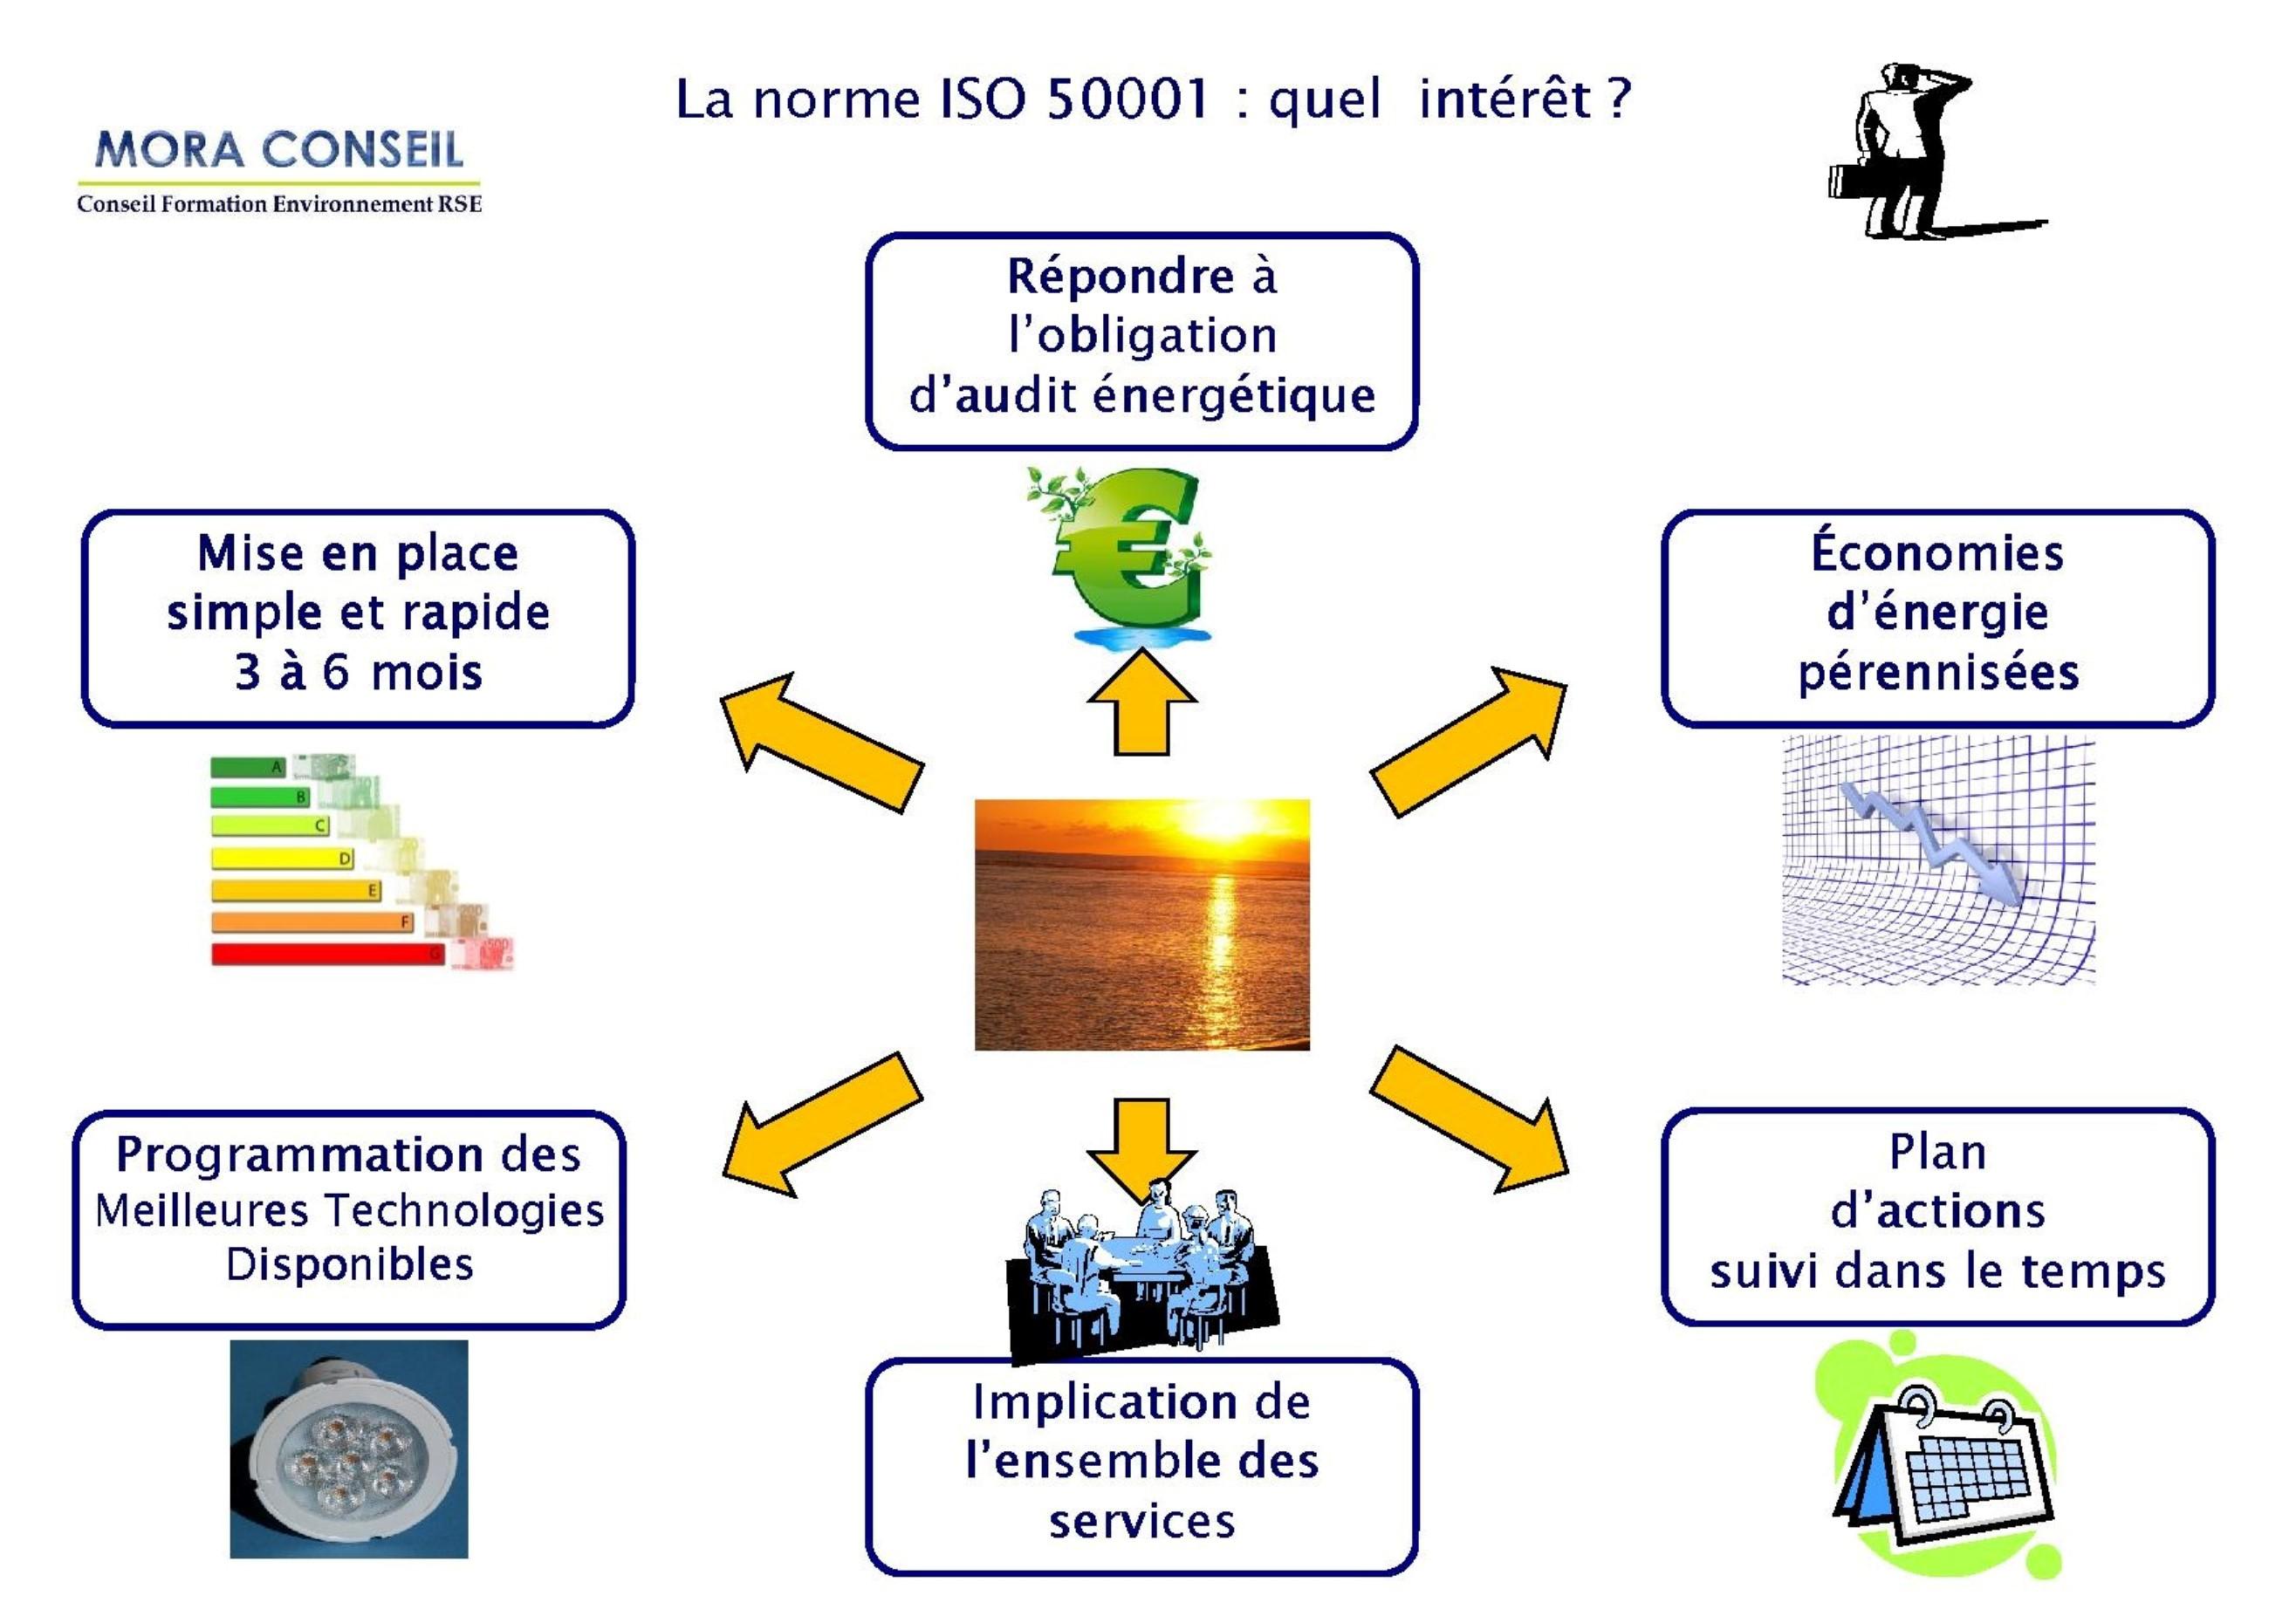 Intérêt de la norme ISO 50001